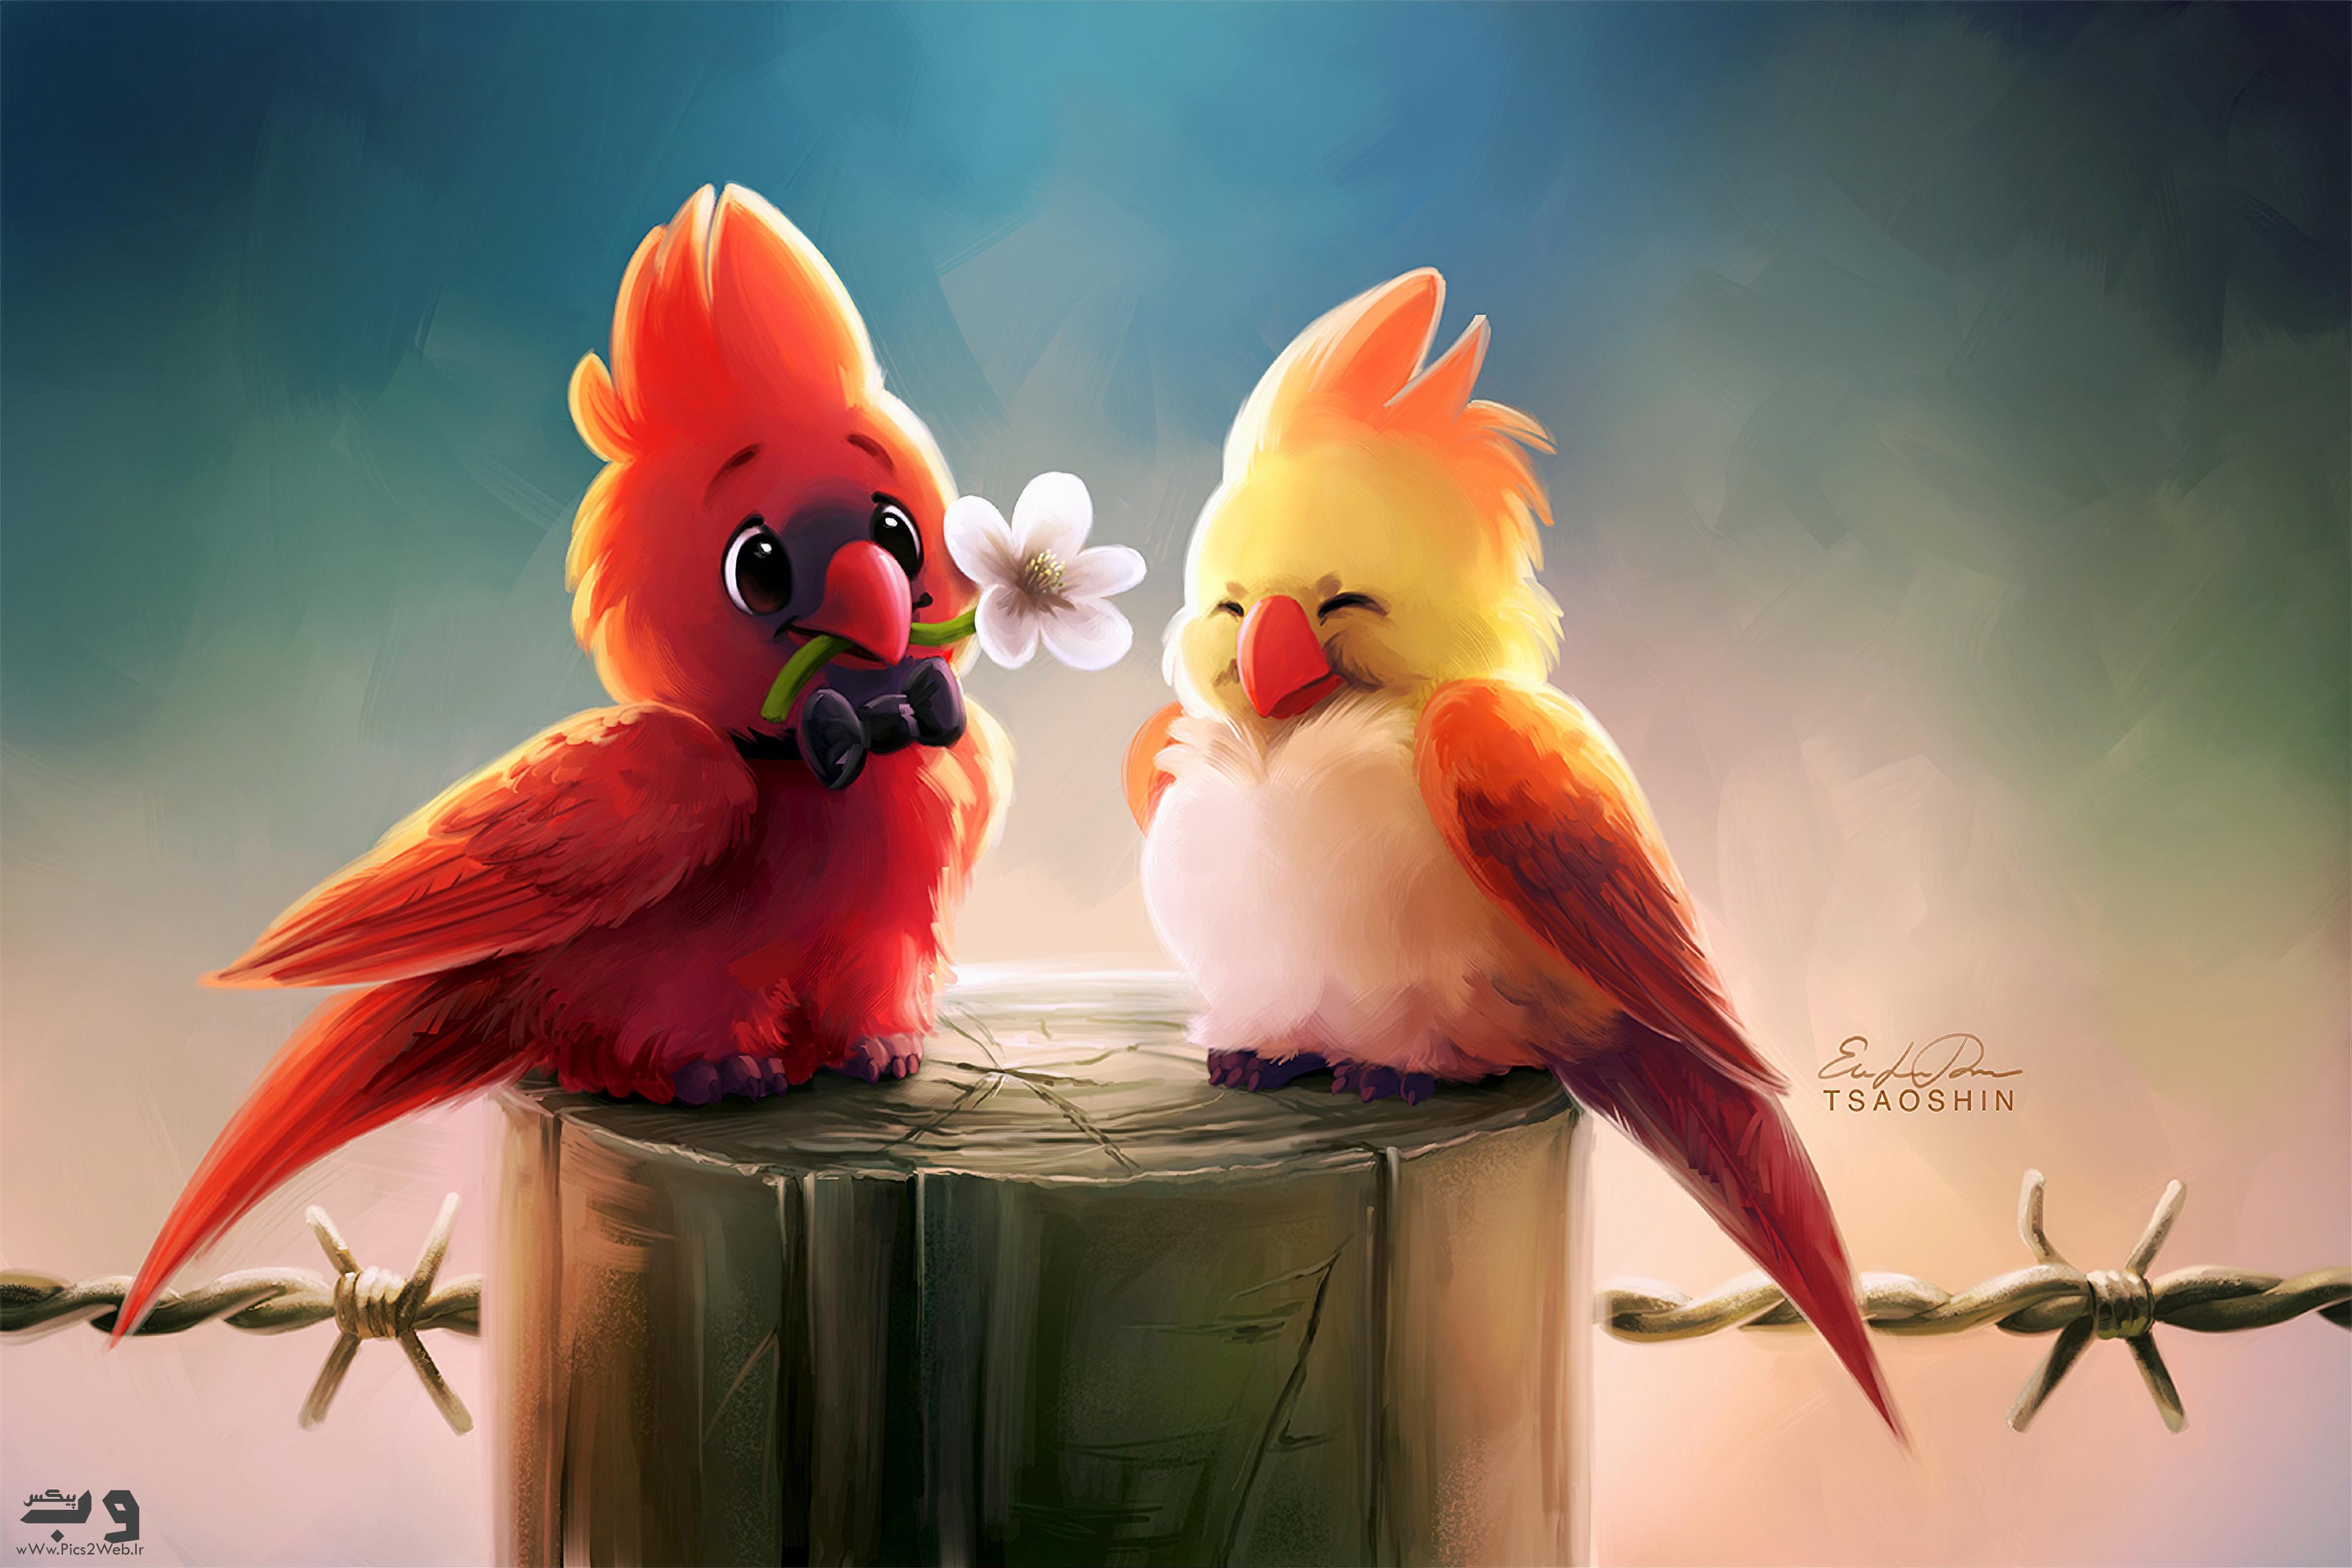 عکس پرندگان بامزه رومانتیک